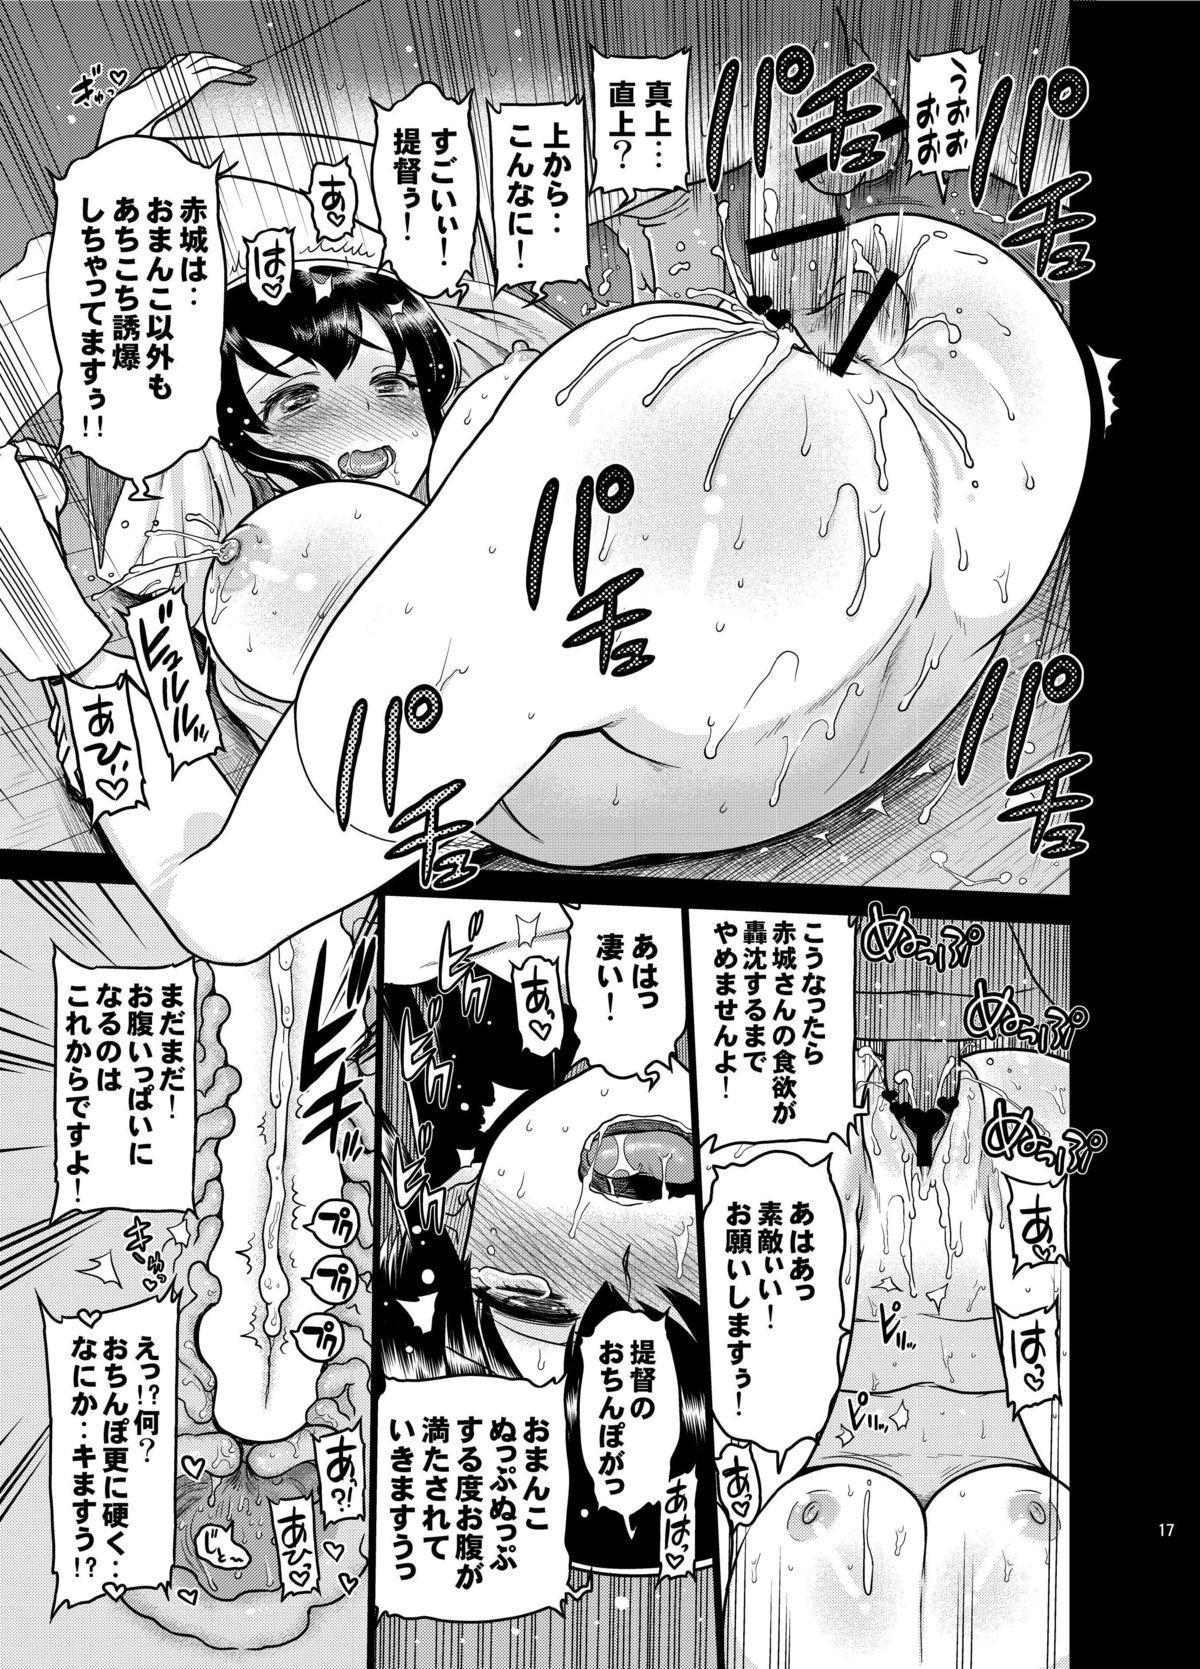 Oshiri no Ookii Akagi-san ni Oishiku Itadakaremashita 15